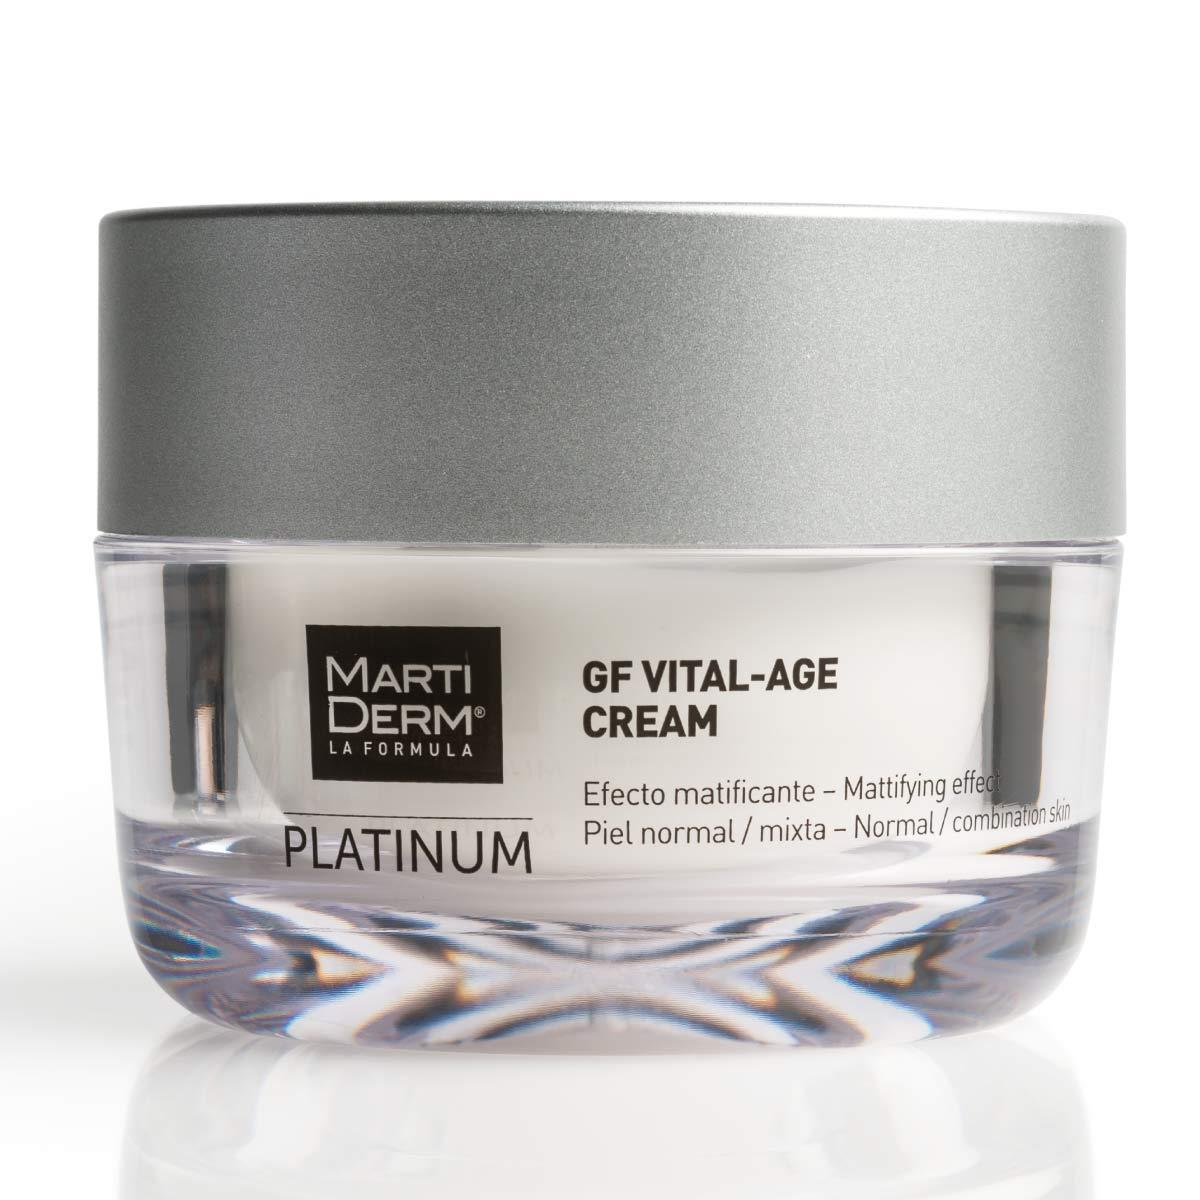 Martiderm Gf Vital Age Cream Pieles Normales Y Mixtas 50 Ml